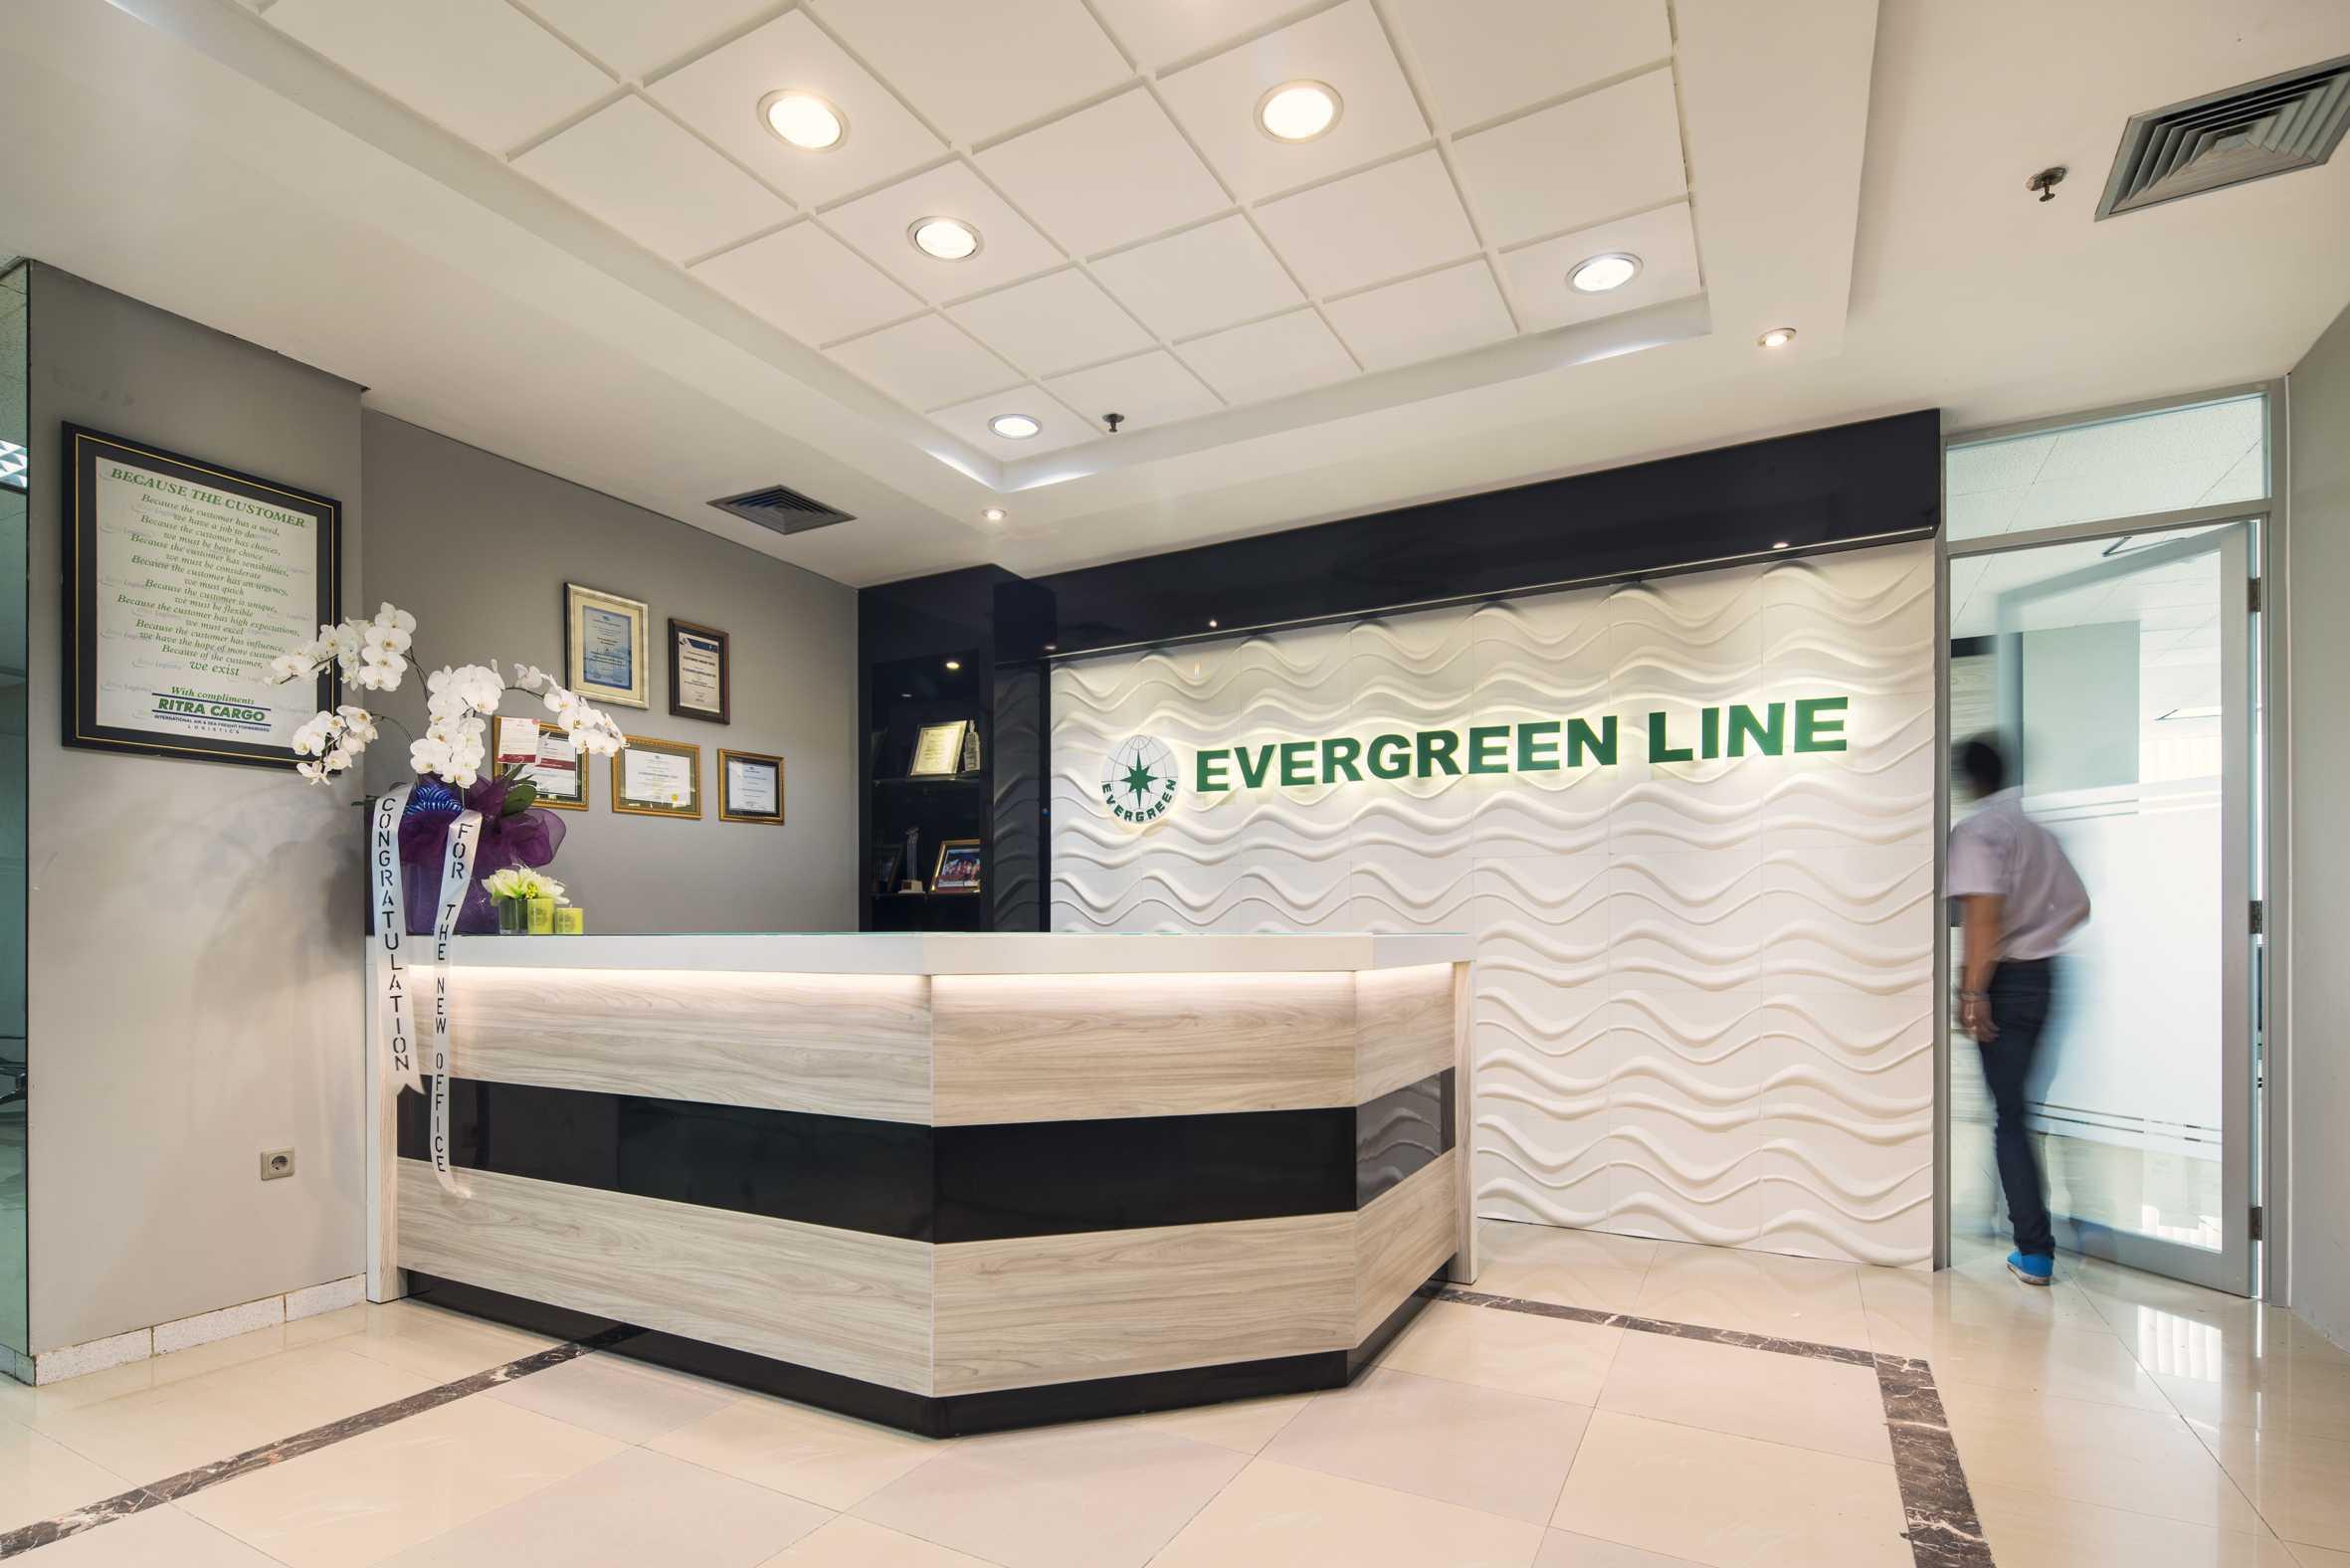 Hausse Interior Evergreen Line Office Surabaya, Kota Sby, Jawa Timur, Indonesia Surabaya, Kota Sby, Jawa Timur, Indonesia Evergreen Line Office   75625